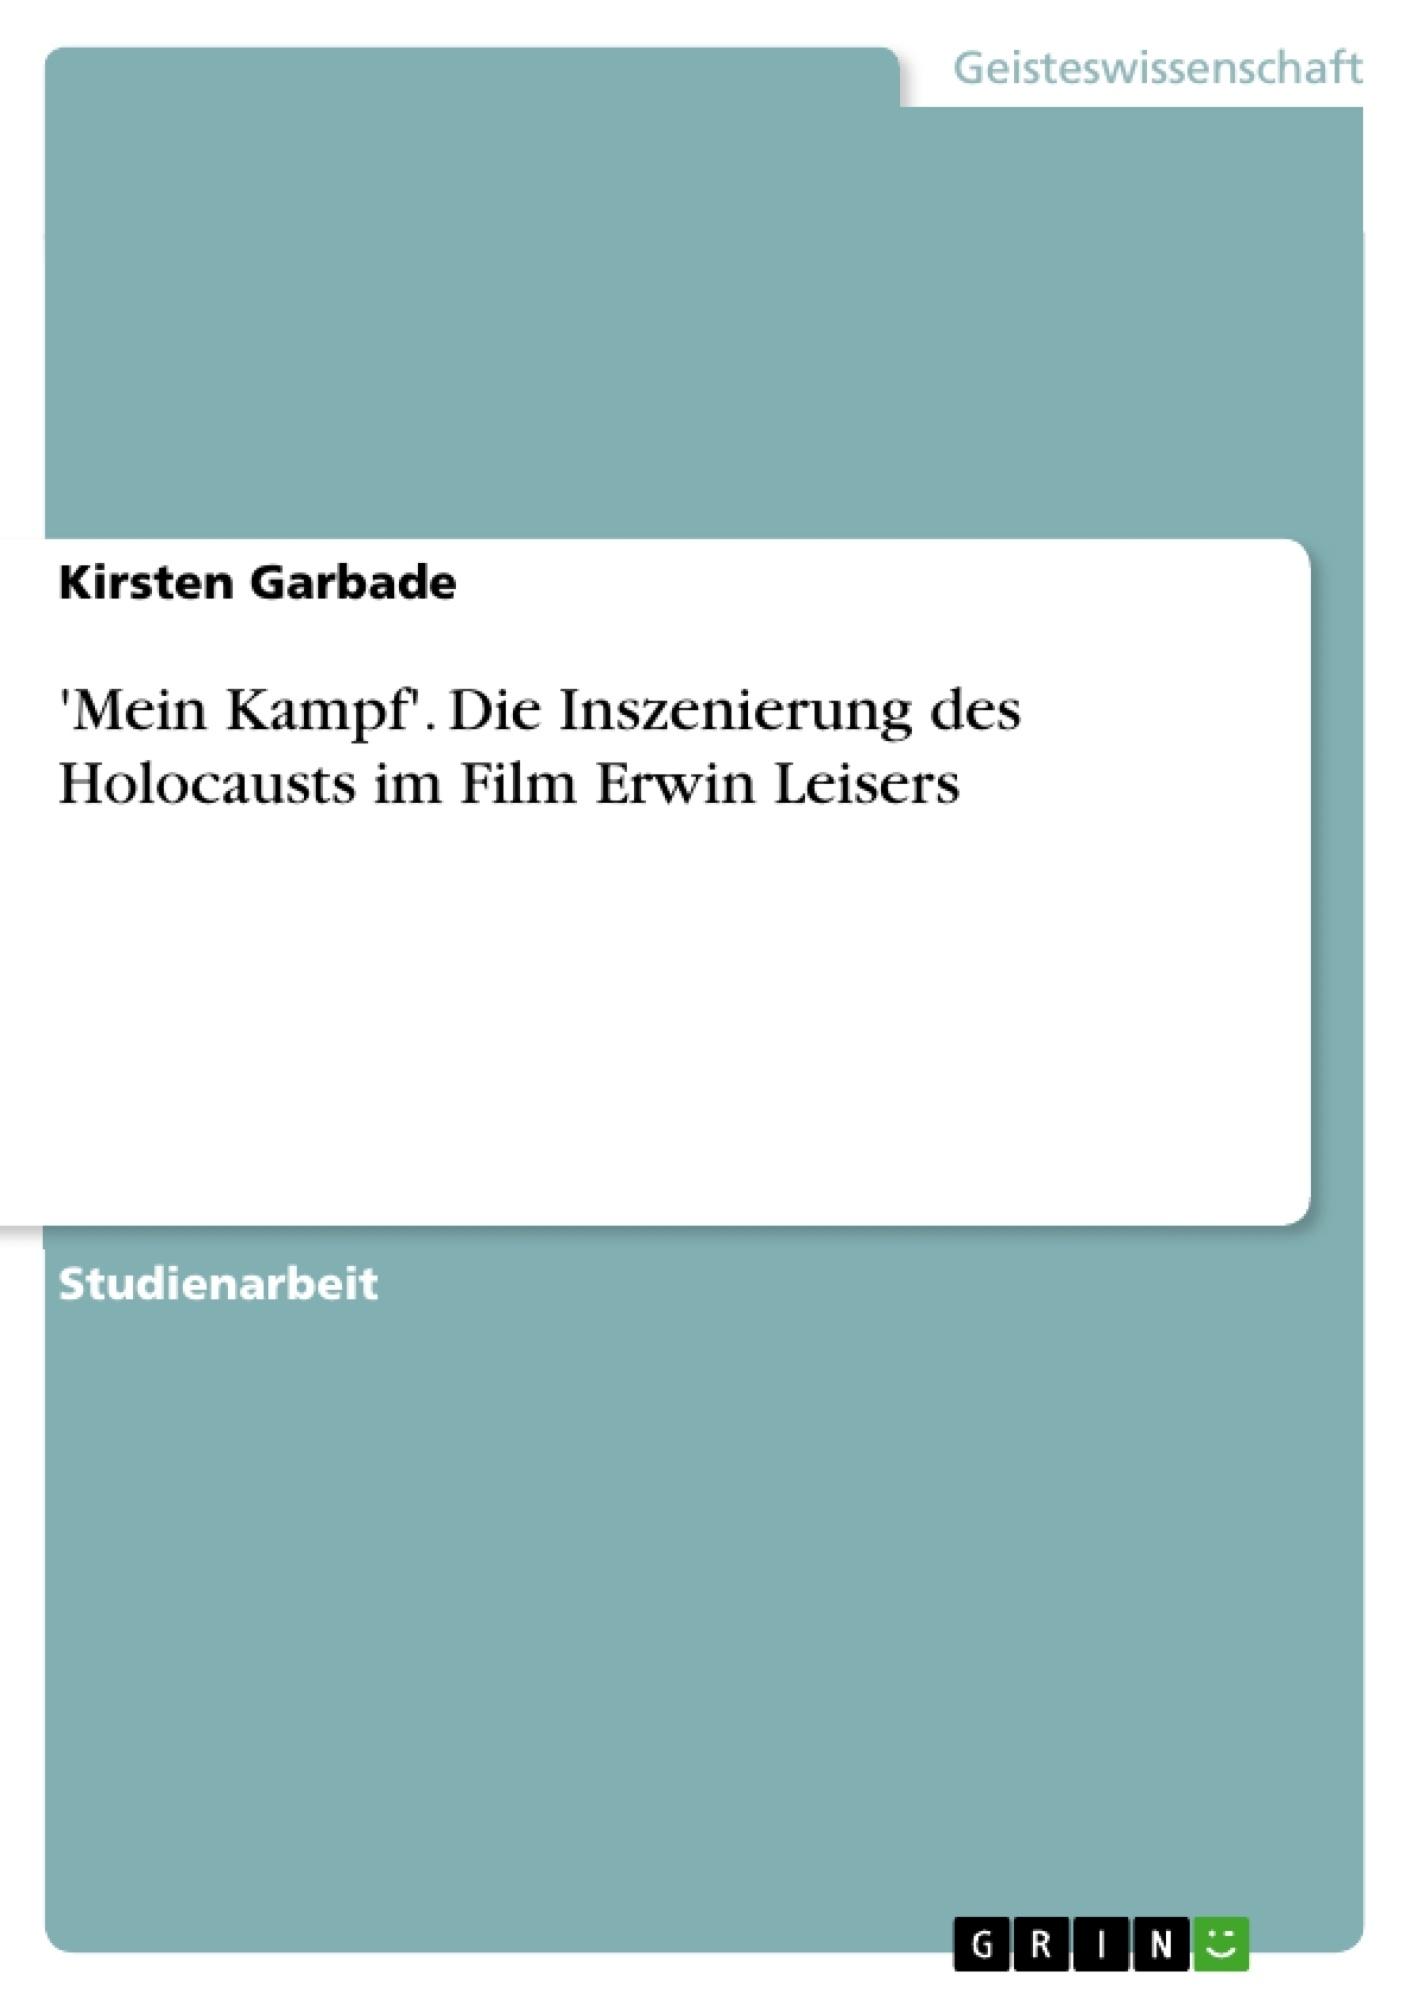 Titel: 'Mein Kampf'. Die Inszenierung des Holocausts im Film Erwin Leisers